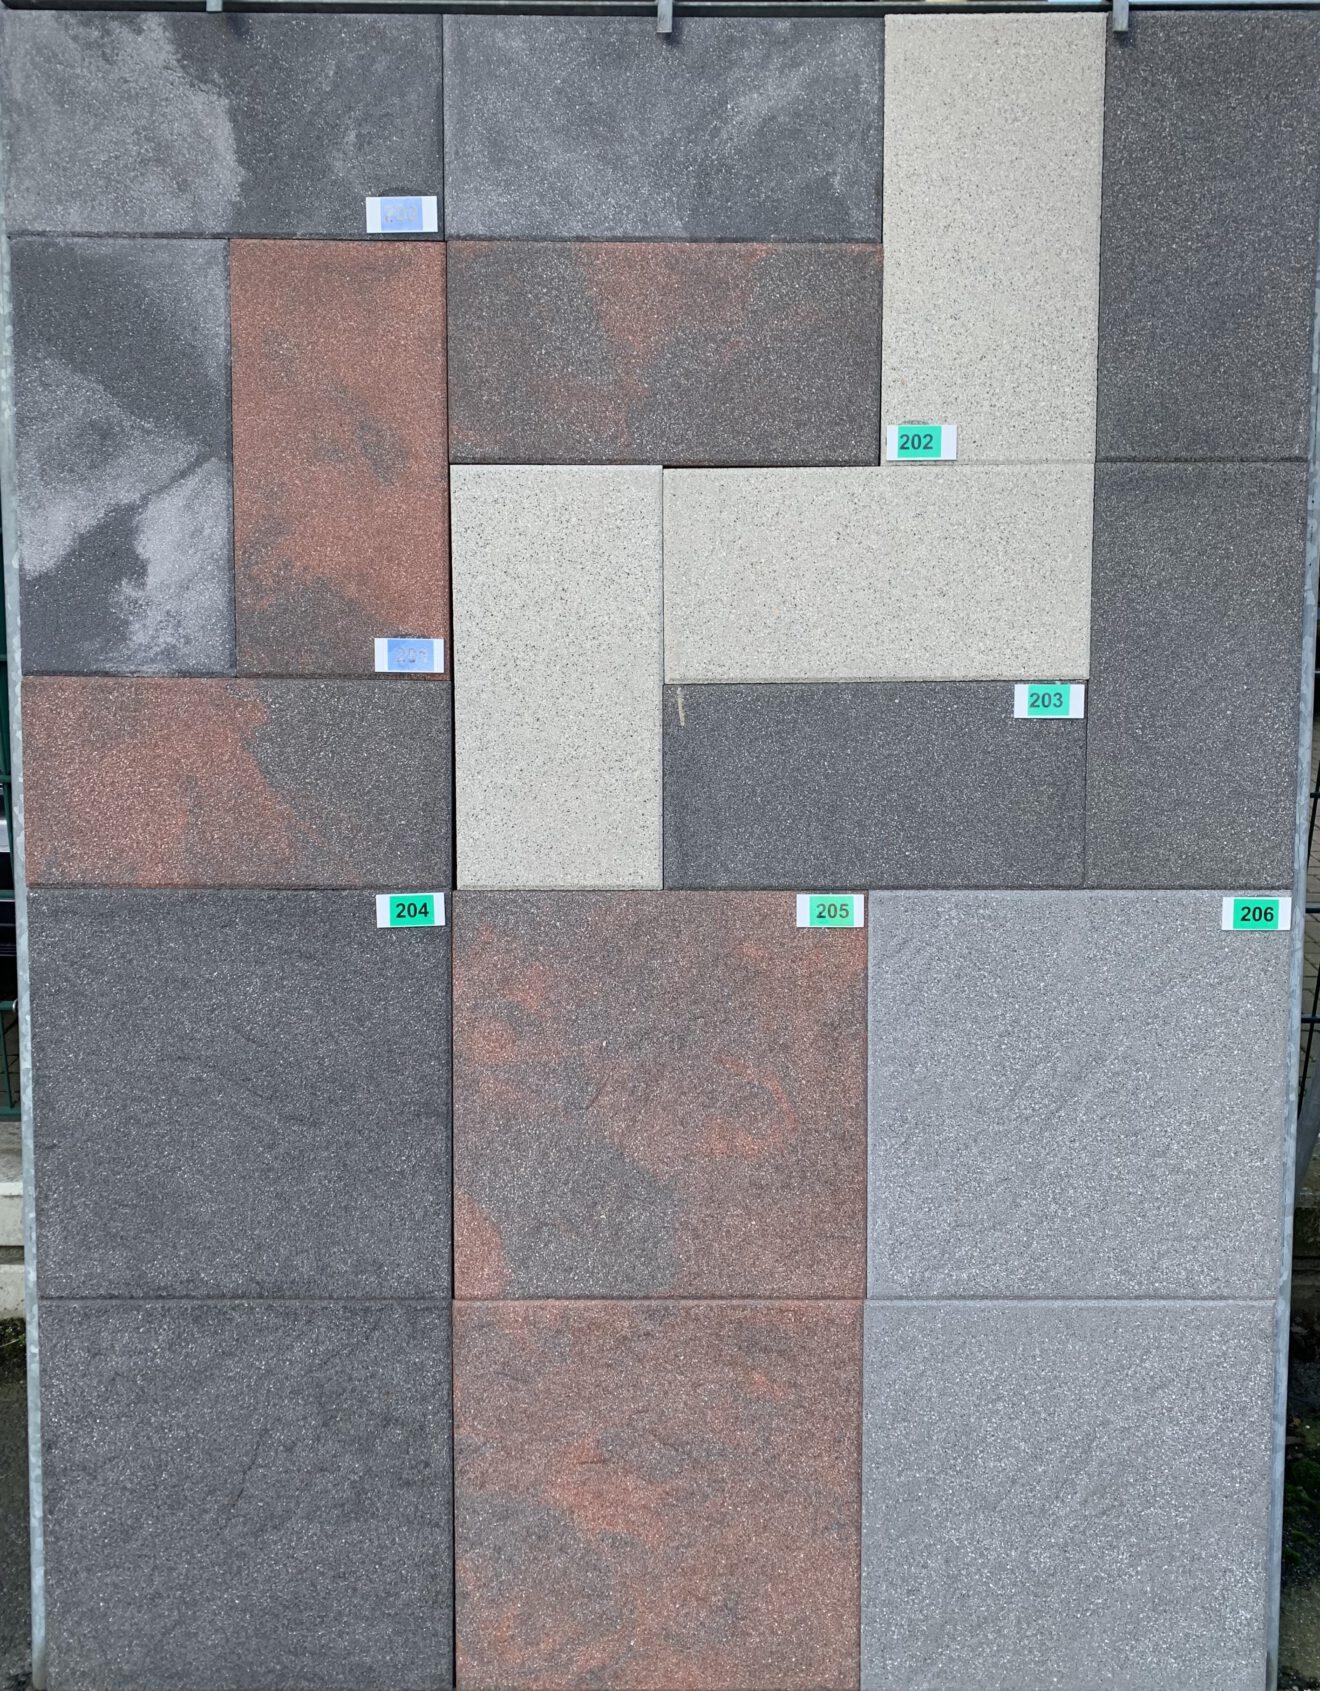 Terrassenplatte Novalux rot-schwarz bei Stolzenbach Baustoffe in Bremen kaufen